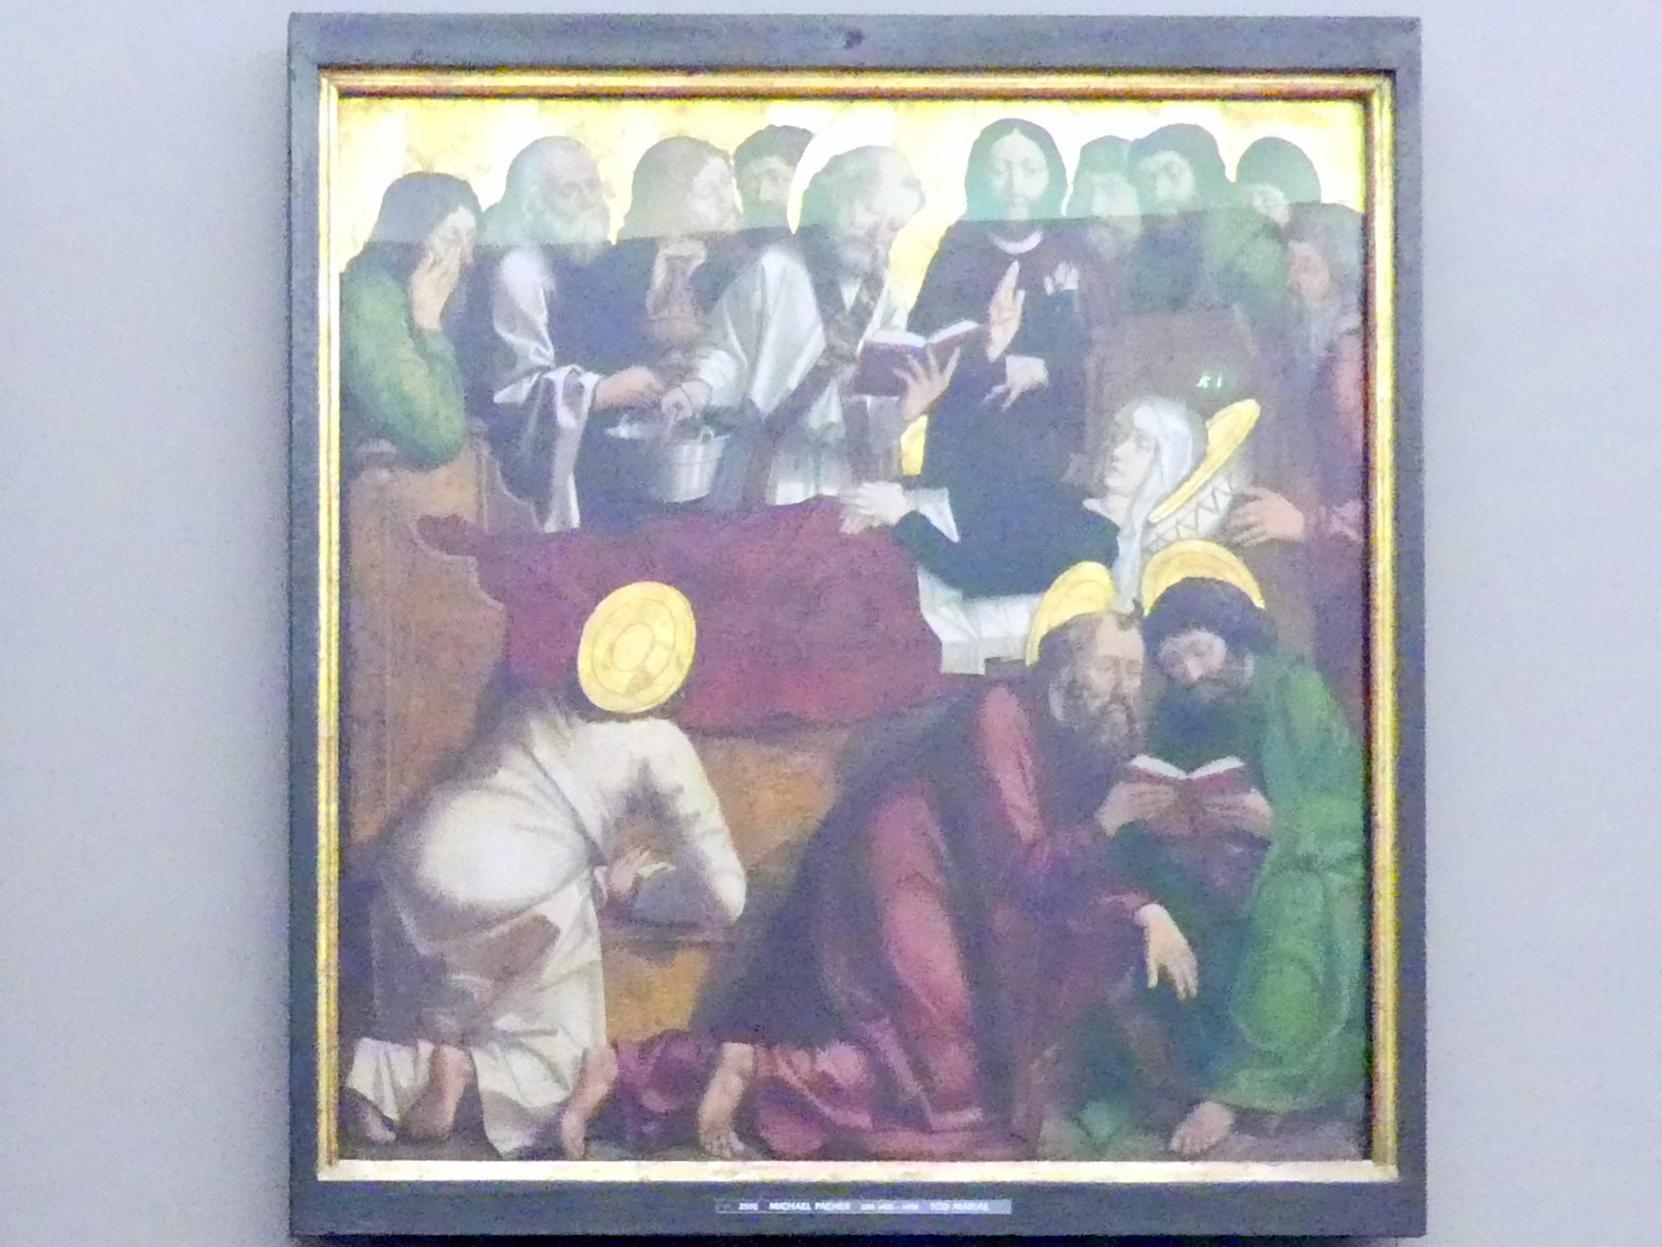 Michael Pacher: Innenseite des Schreinflügels des Hochaltars 'Tod Mariens', 1465